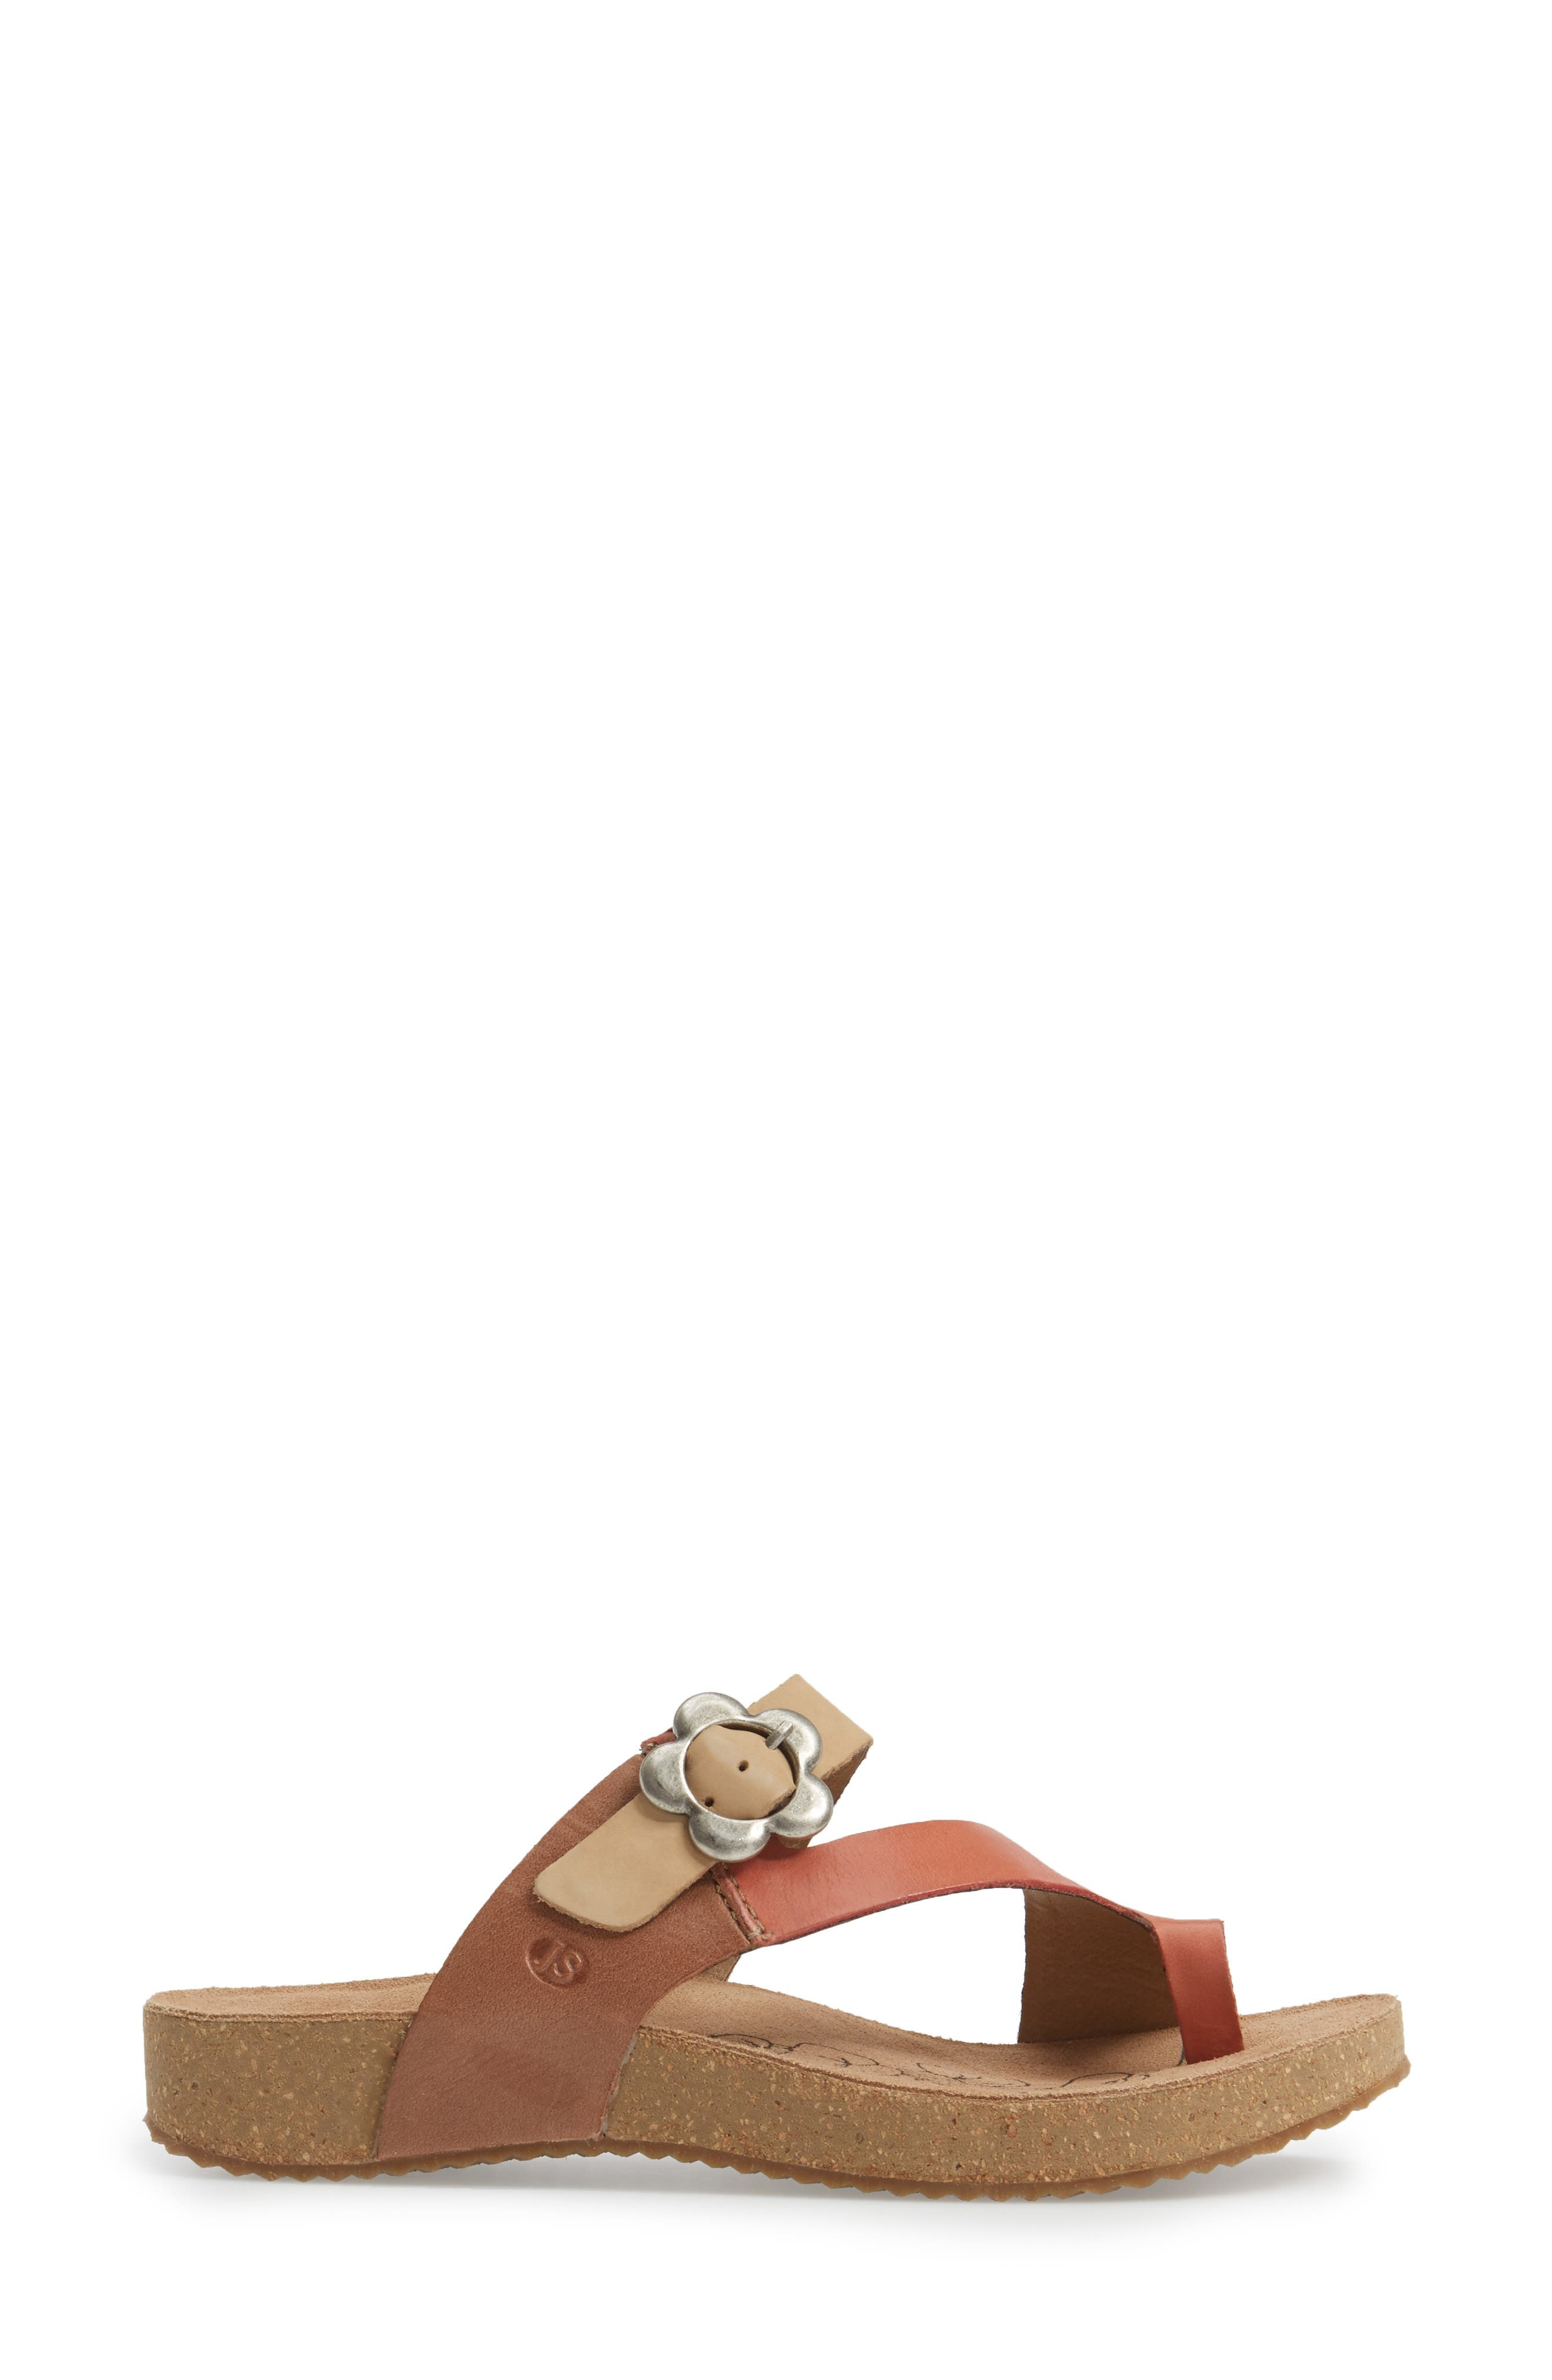 Alternate Image 3  - Josef Seibel Tonga 23 Sandal (Women)